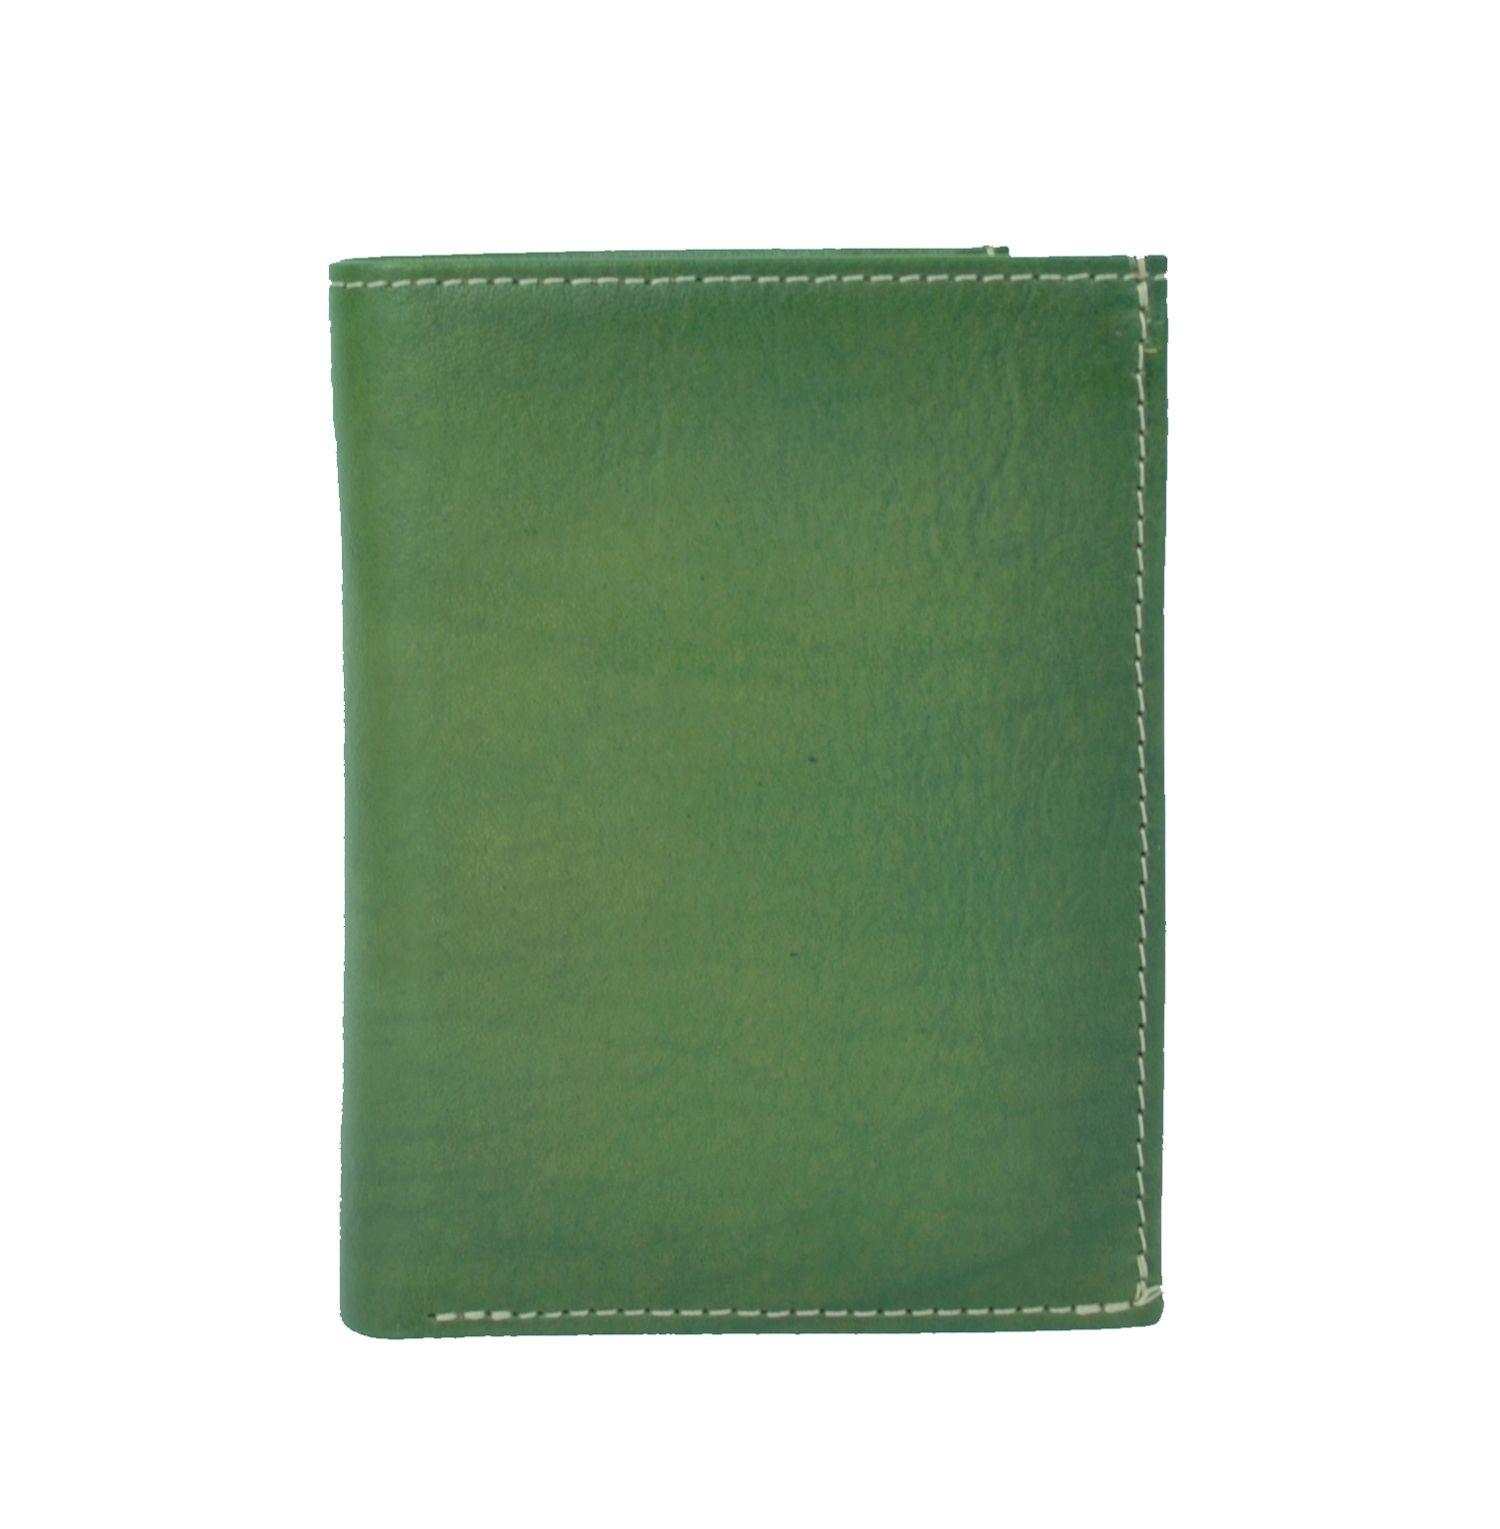 Luxusná kožená peňaženka č.8560 v zelenej farbe (3) · Luxusná ... ef62f67570d